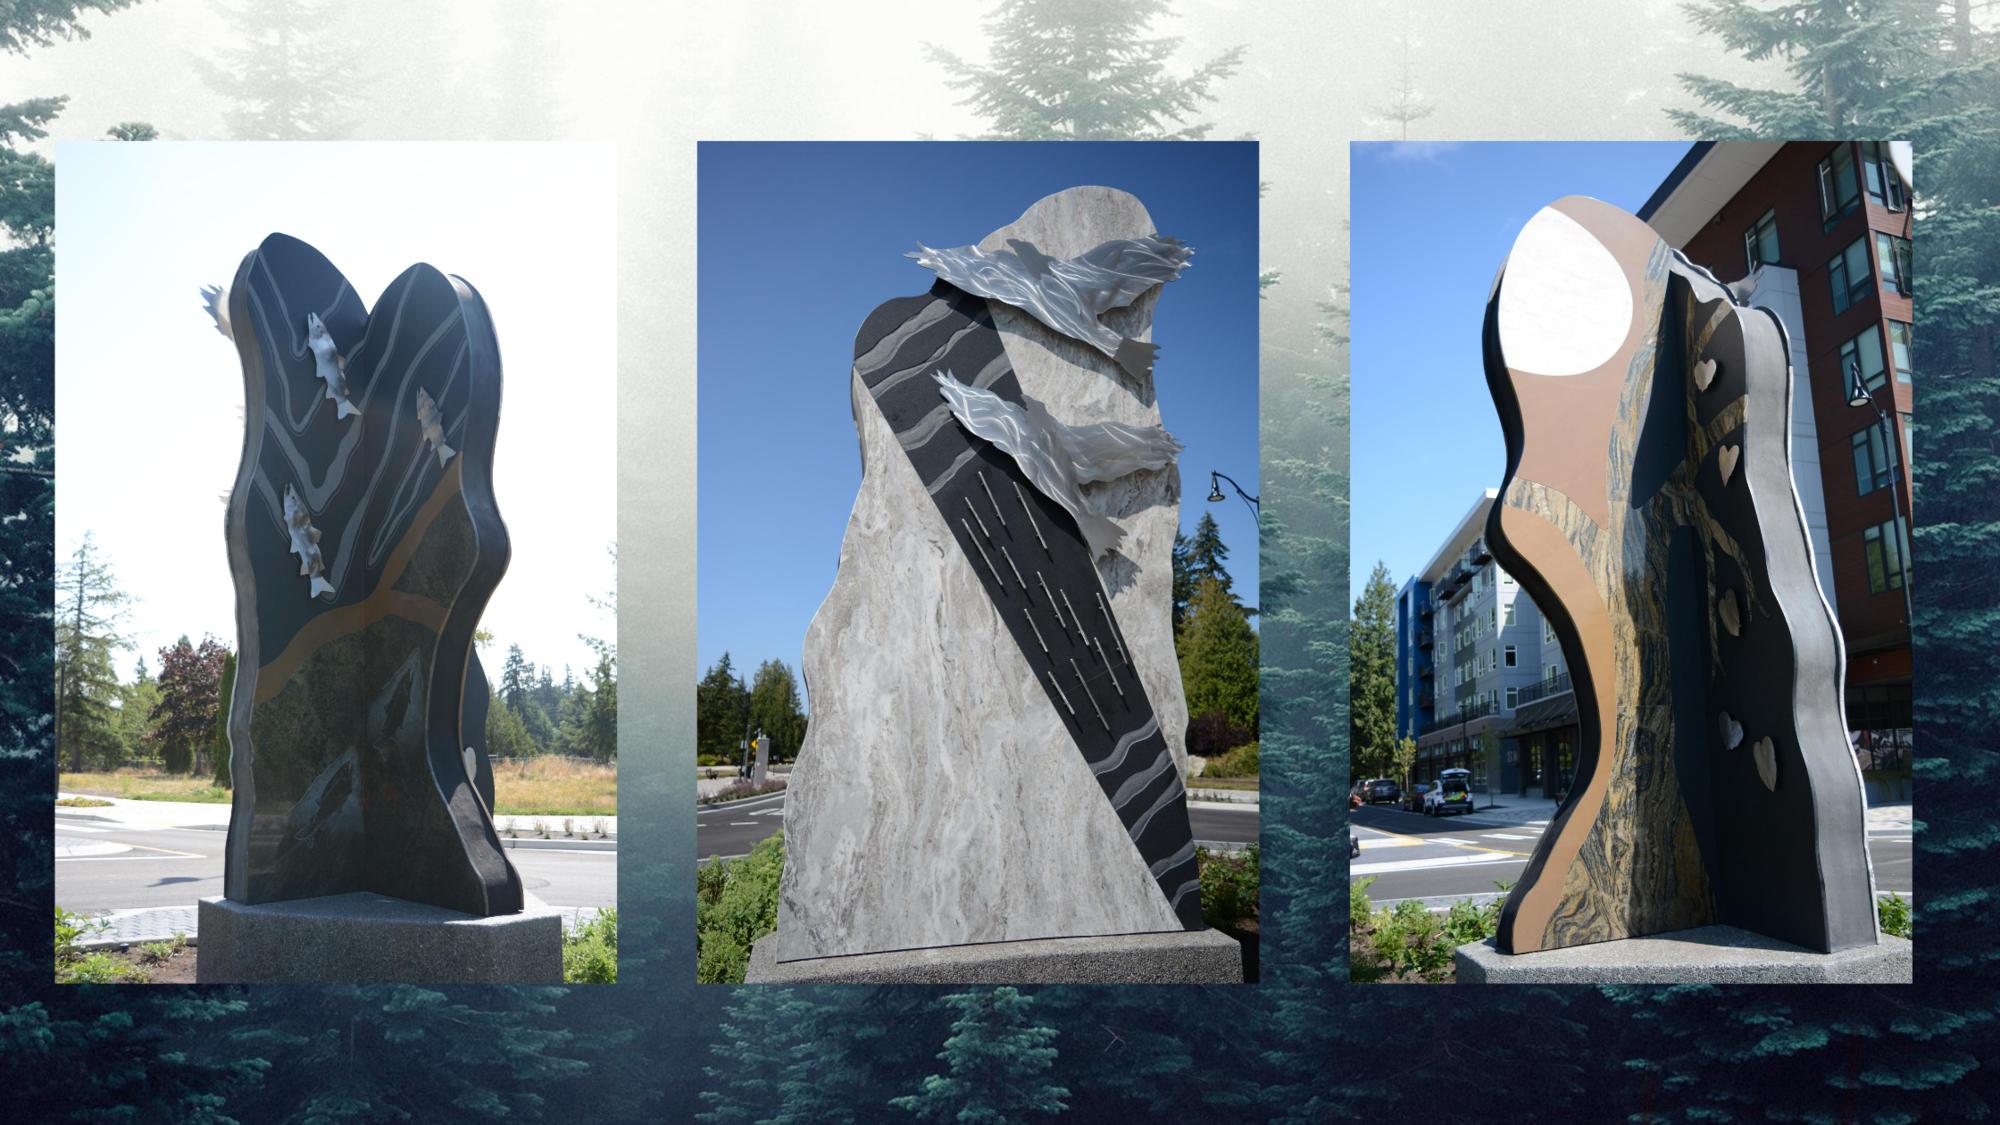 SE 4th St Sculpture